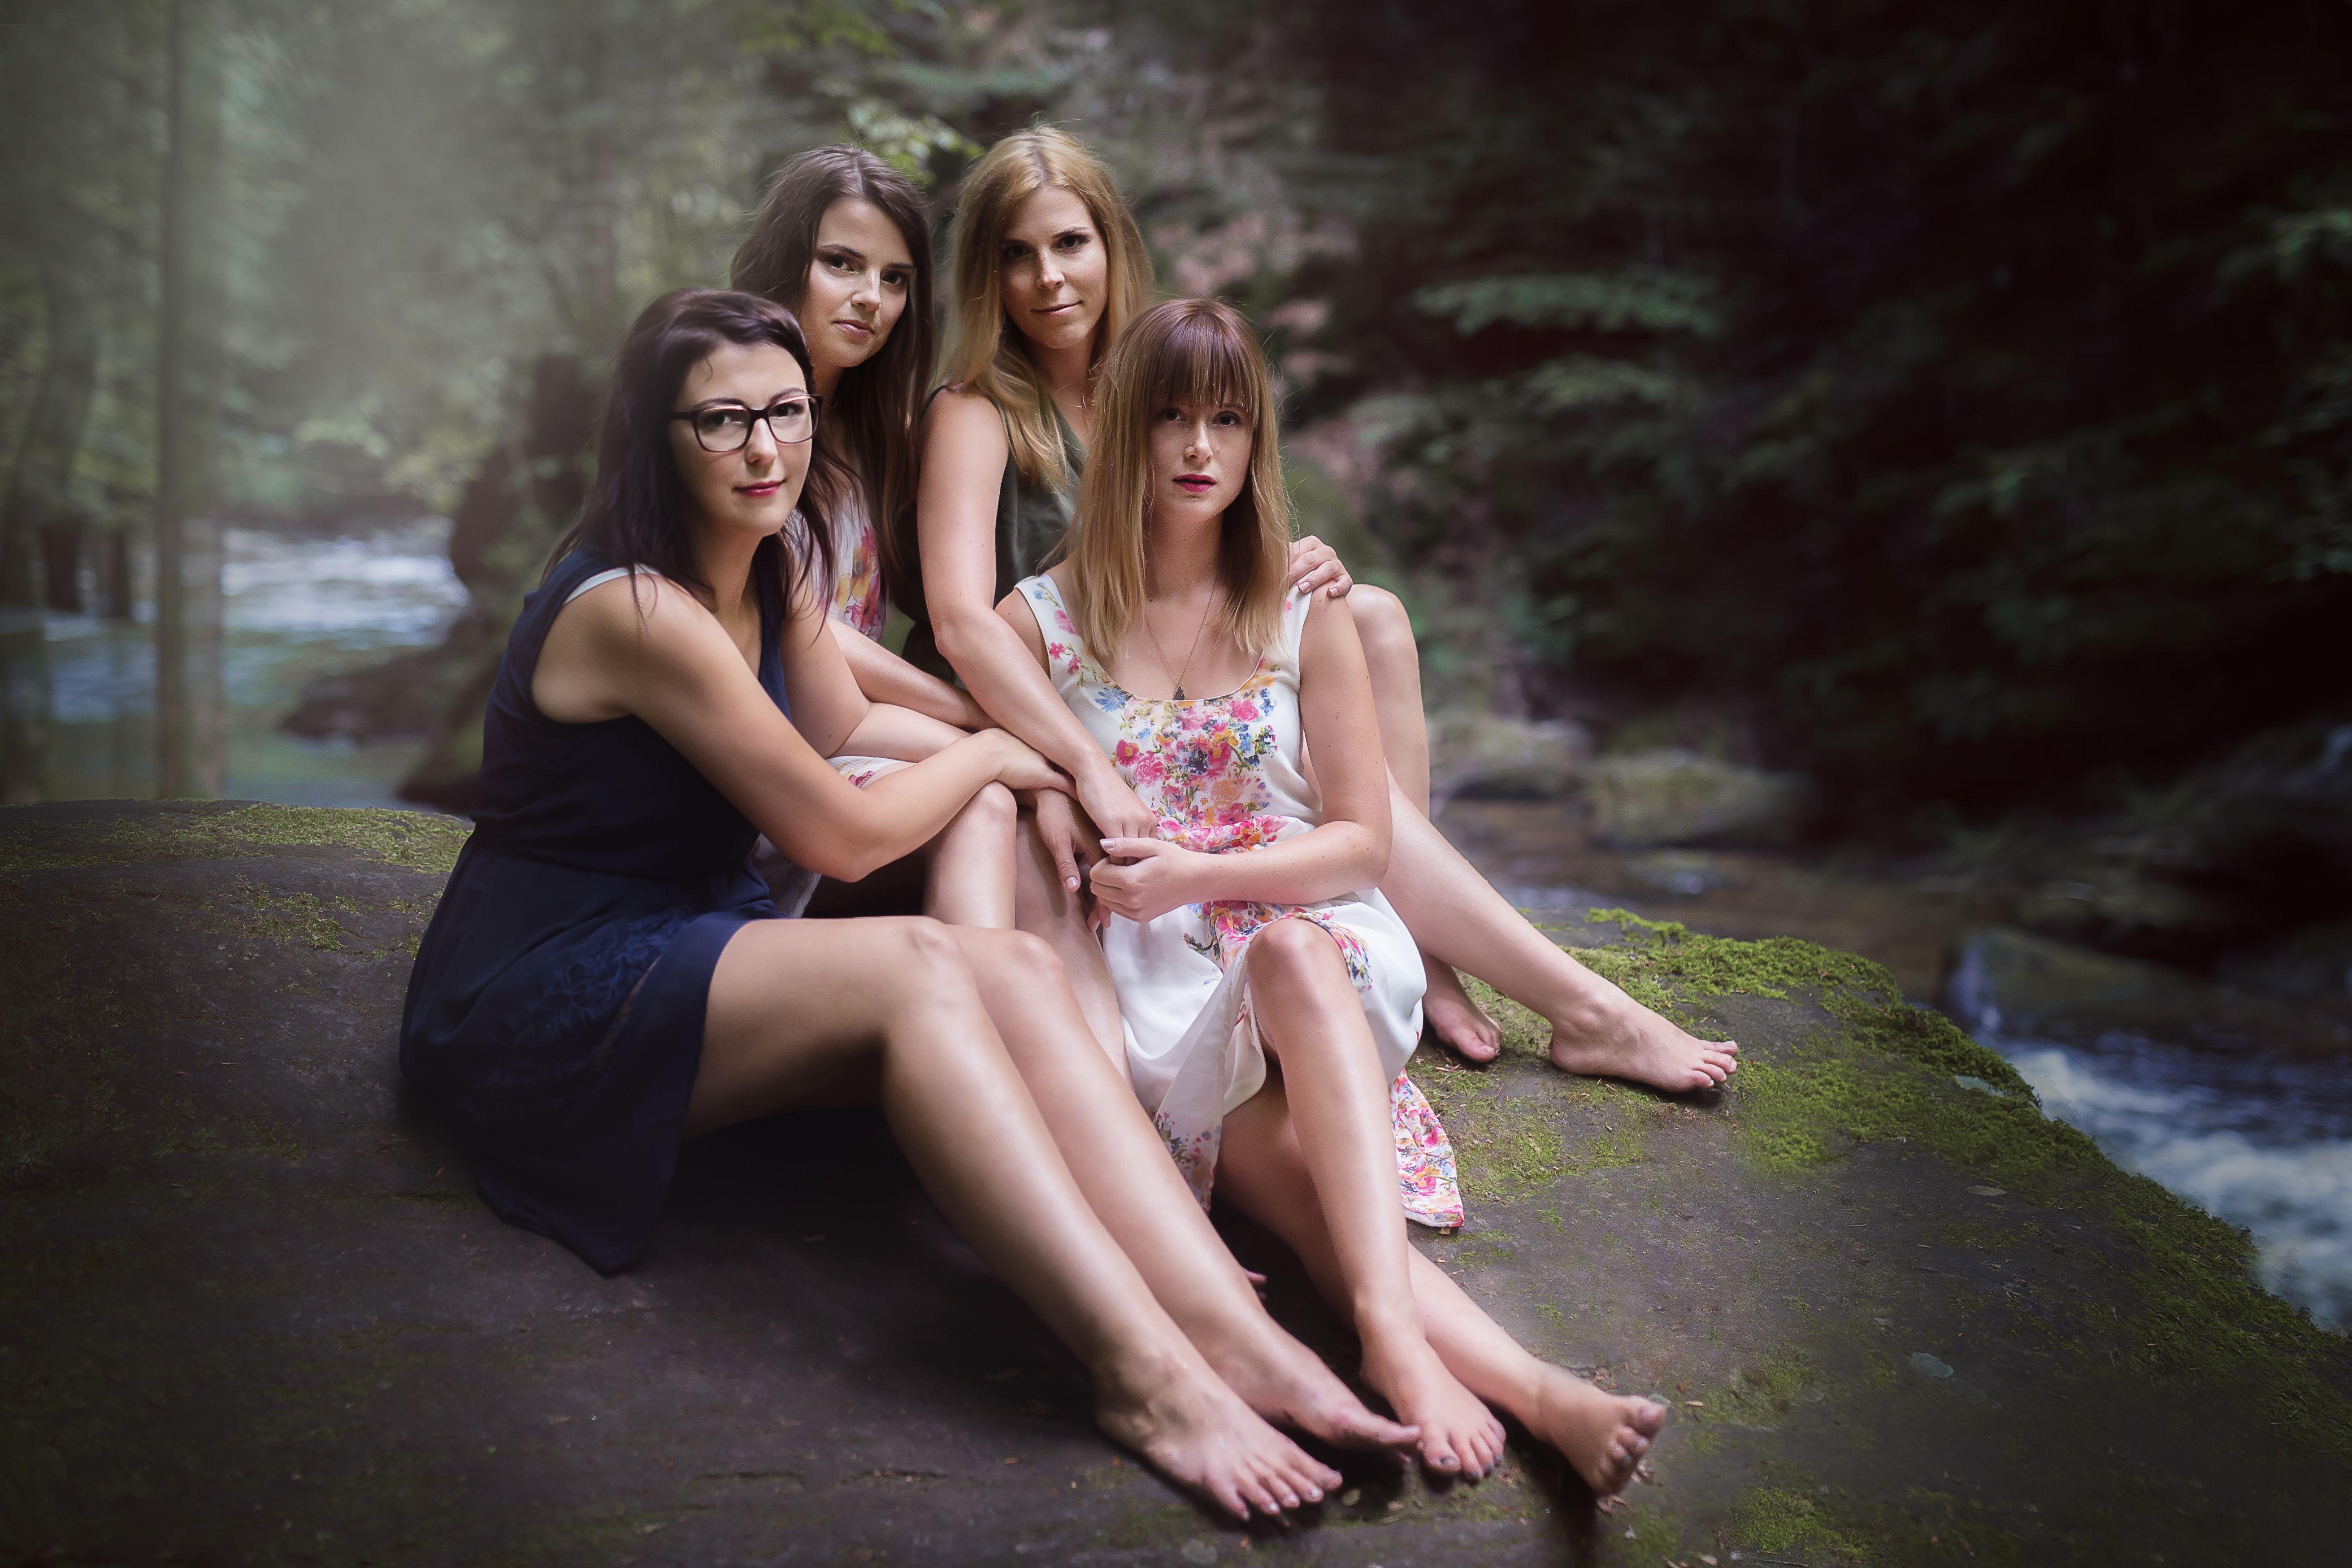 girls group photography posing ideas. Best friends. BFFs. Austrian photographer.